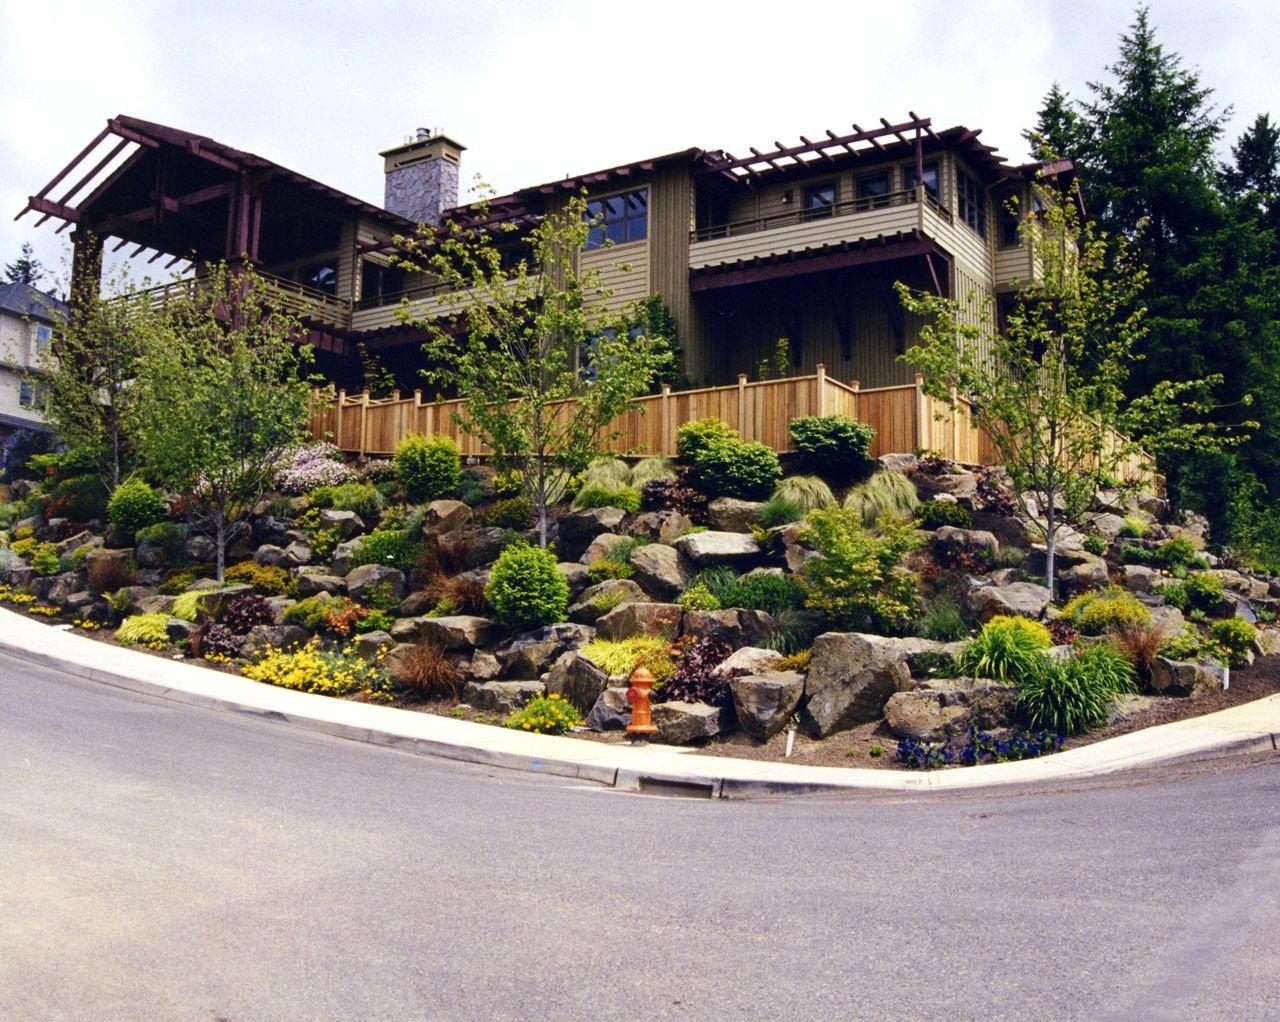 Low Maintenance Shrubs And Hillside Landscaping Ideas Landscape And Design Tips For Challengin Front Yard Landscaping Design Sloped Garden Hillside Landscaping